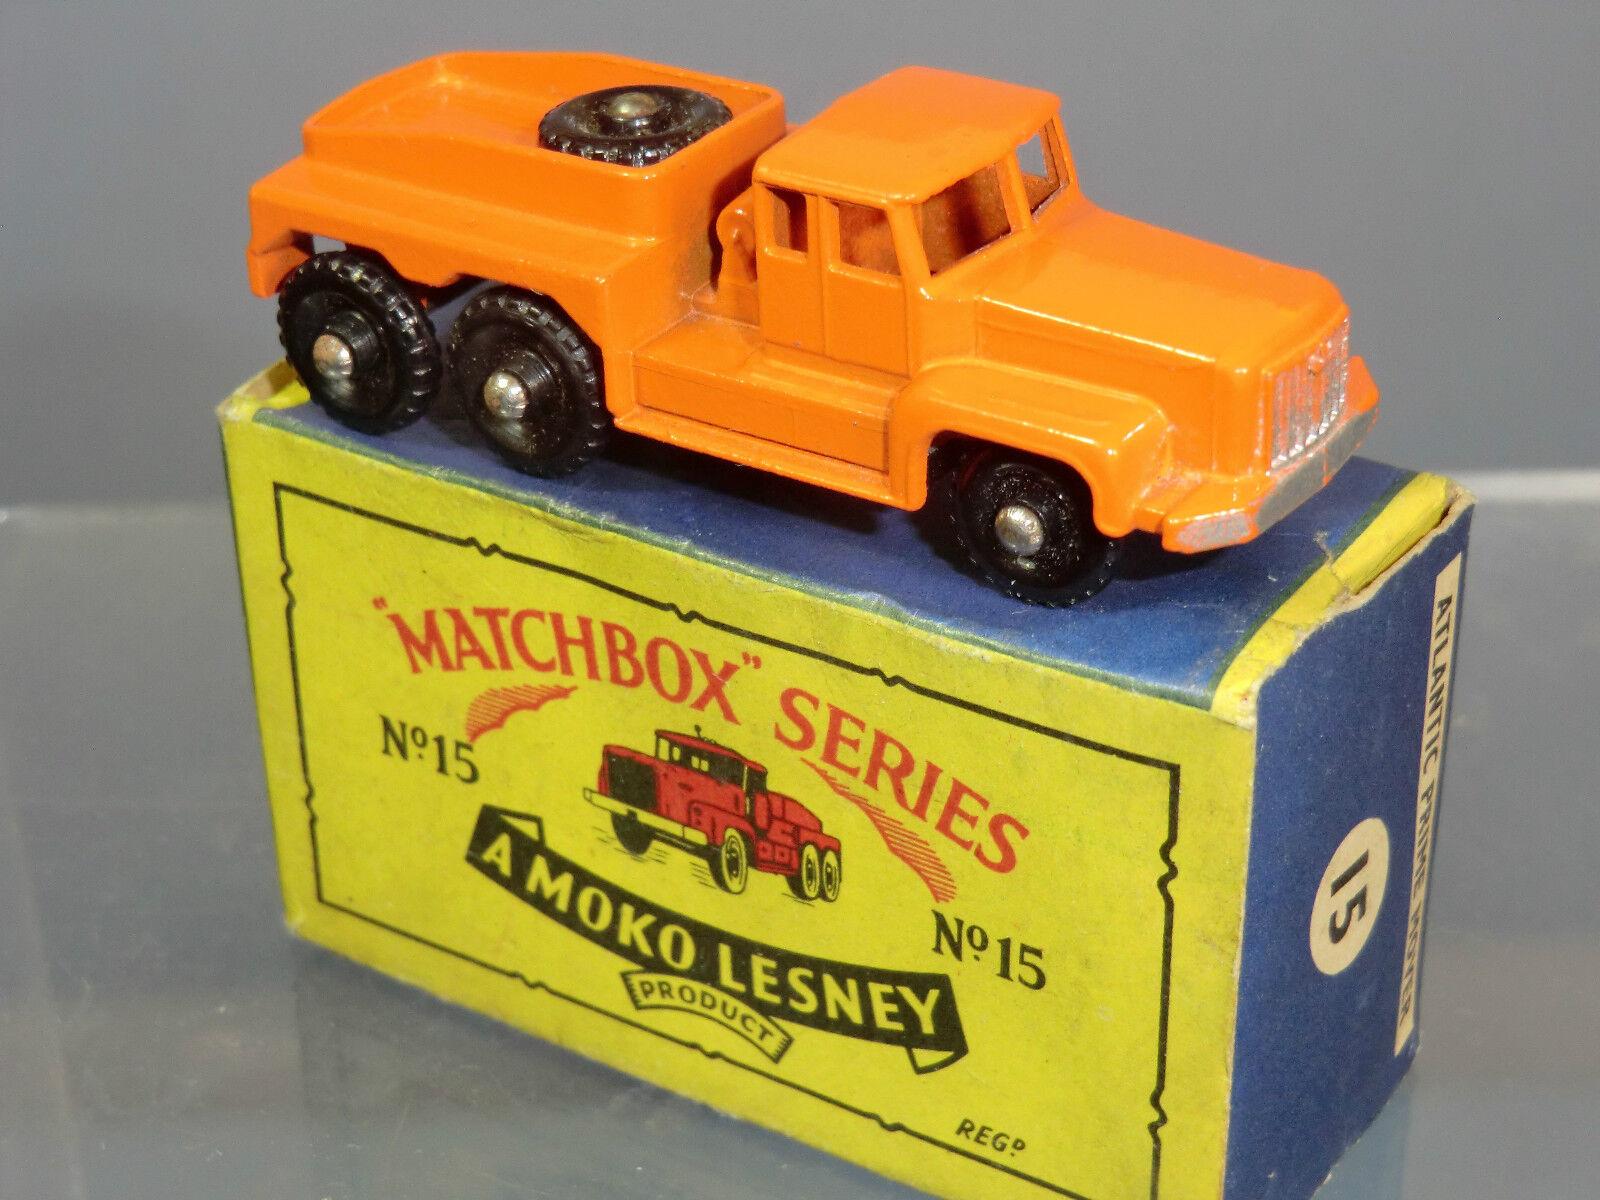 MATCHBOX Lesney Moko modello No.15b  rotinoff  SUPER Atlantic Trattore Nuovo di zecca con scatola